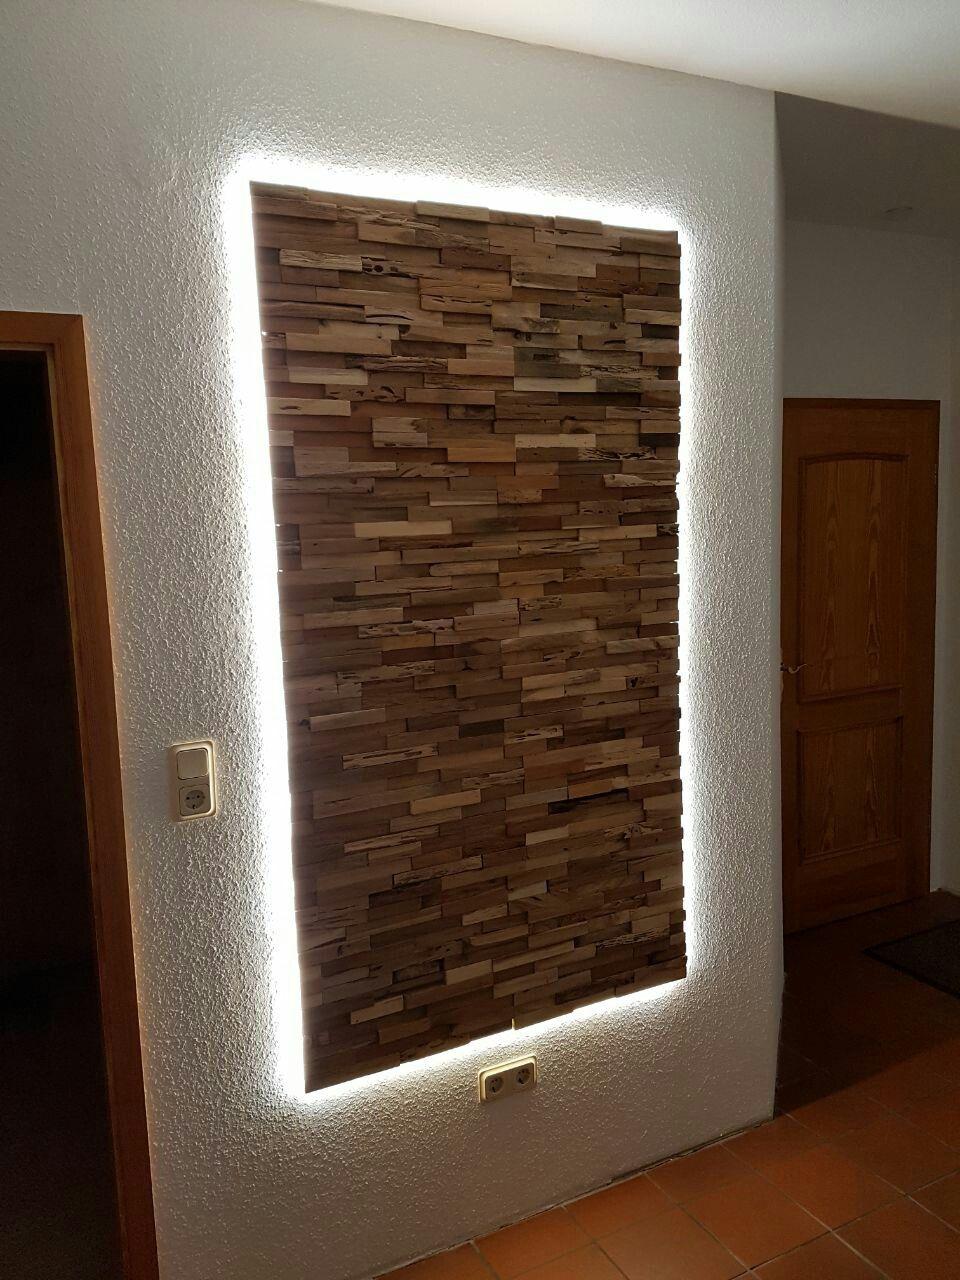 Backlight Deco Bar Beleuchtung Wandgestaltung Wohnzimmer Holz